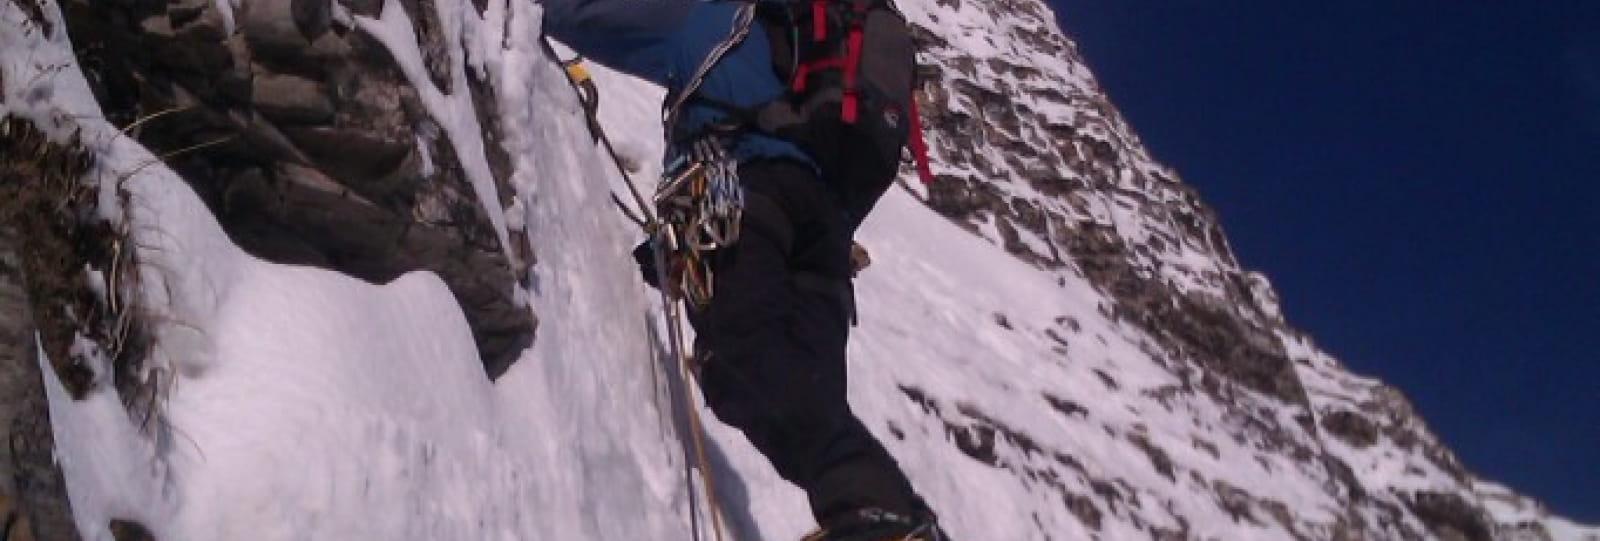 Cascade de glace avec En Montagne